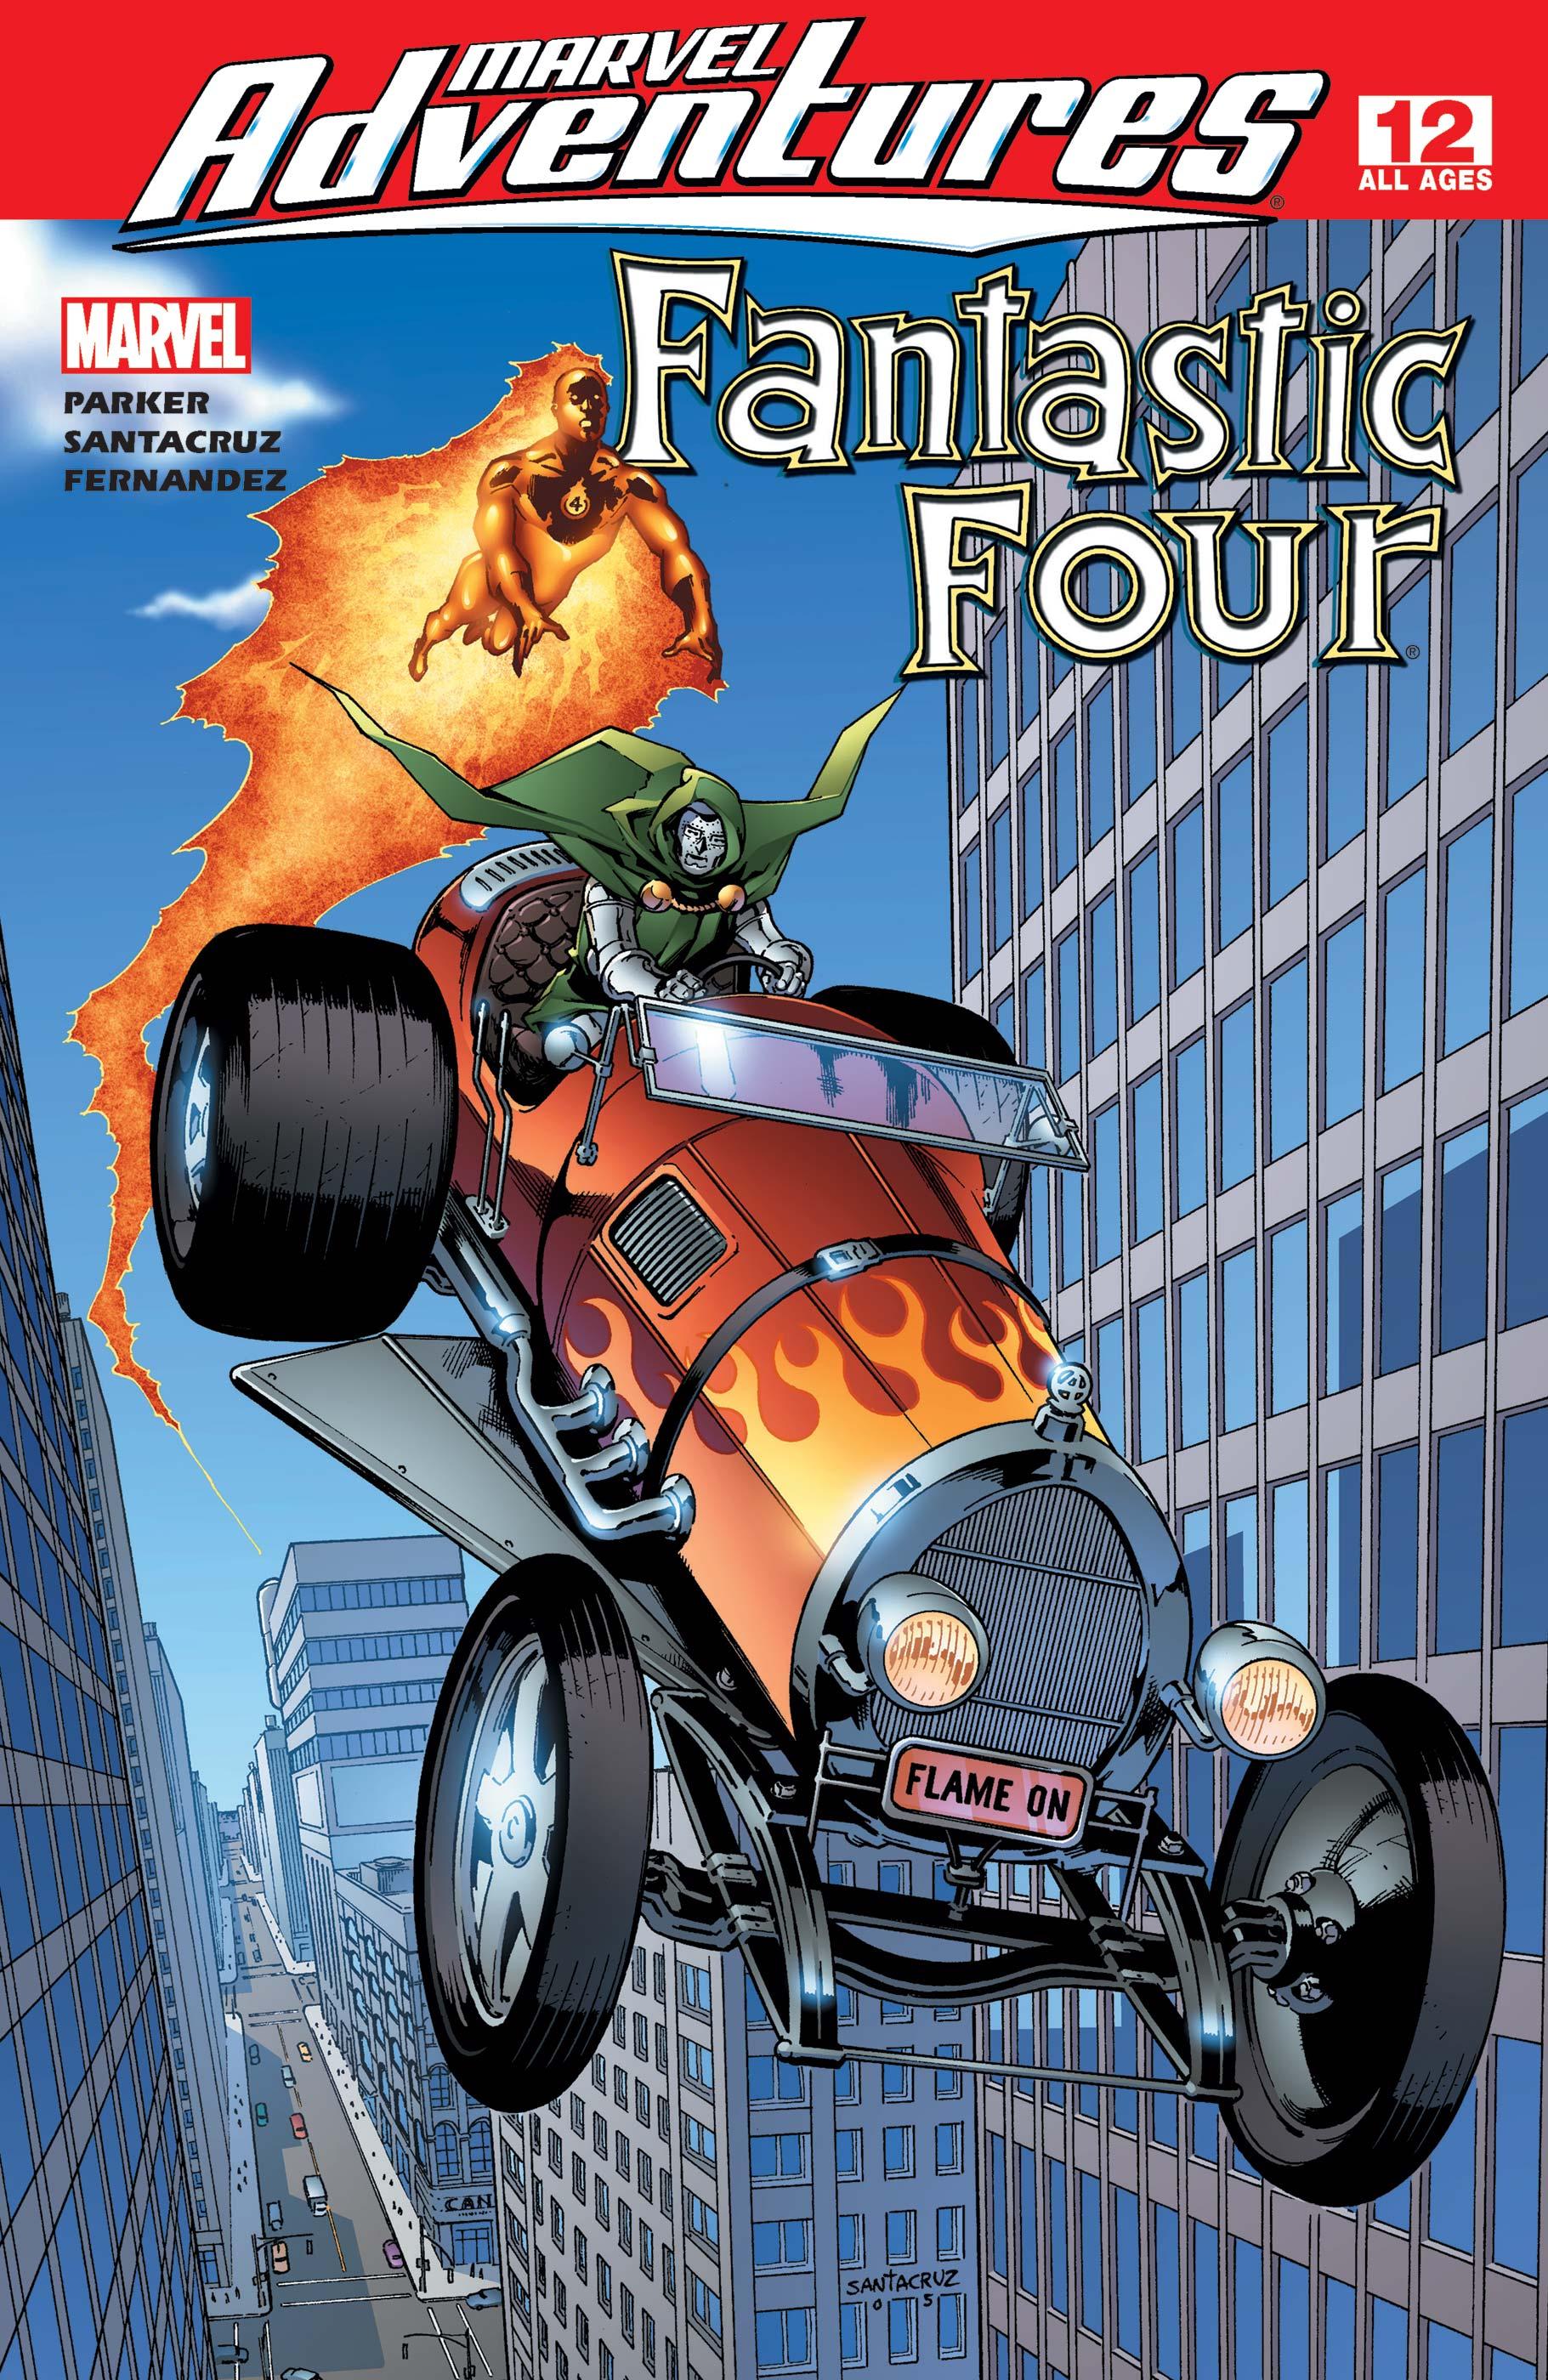 Marvel Adventures Fantastic Four (2005) #12